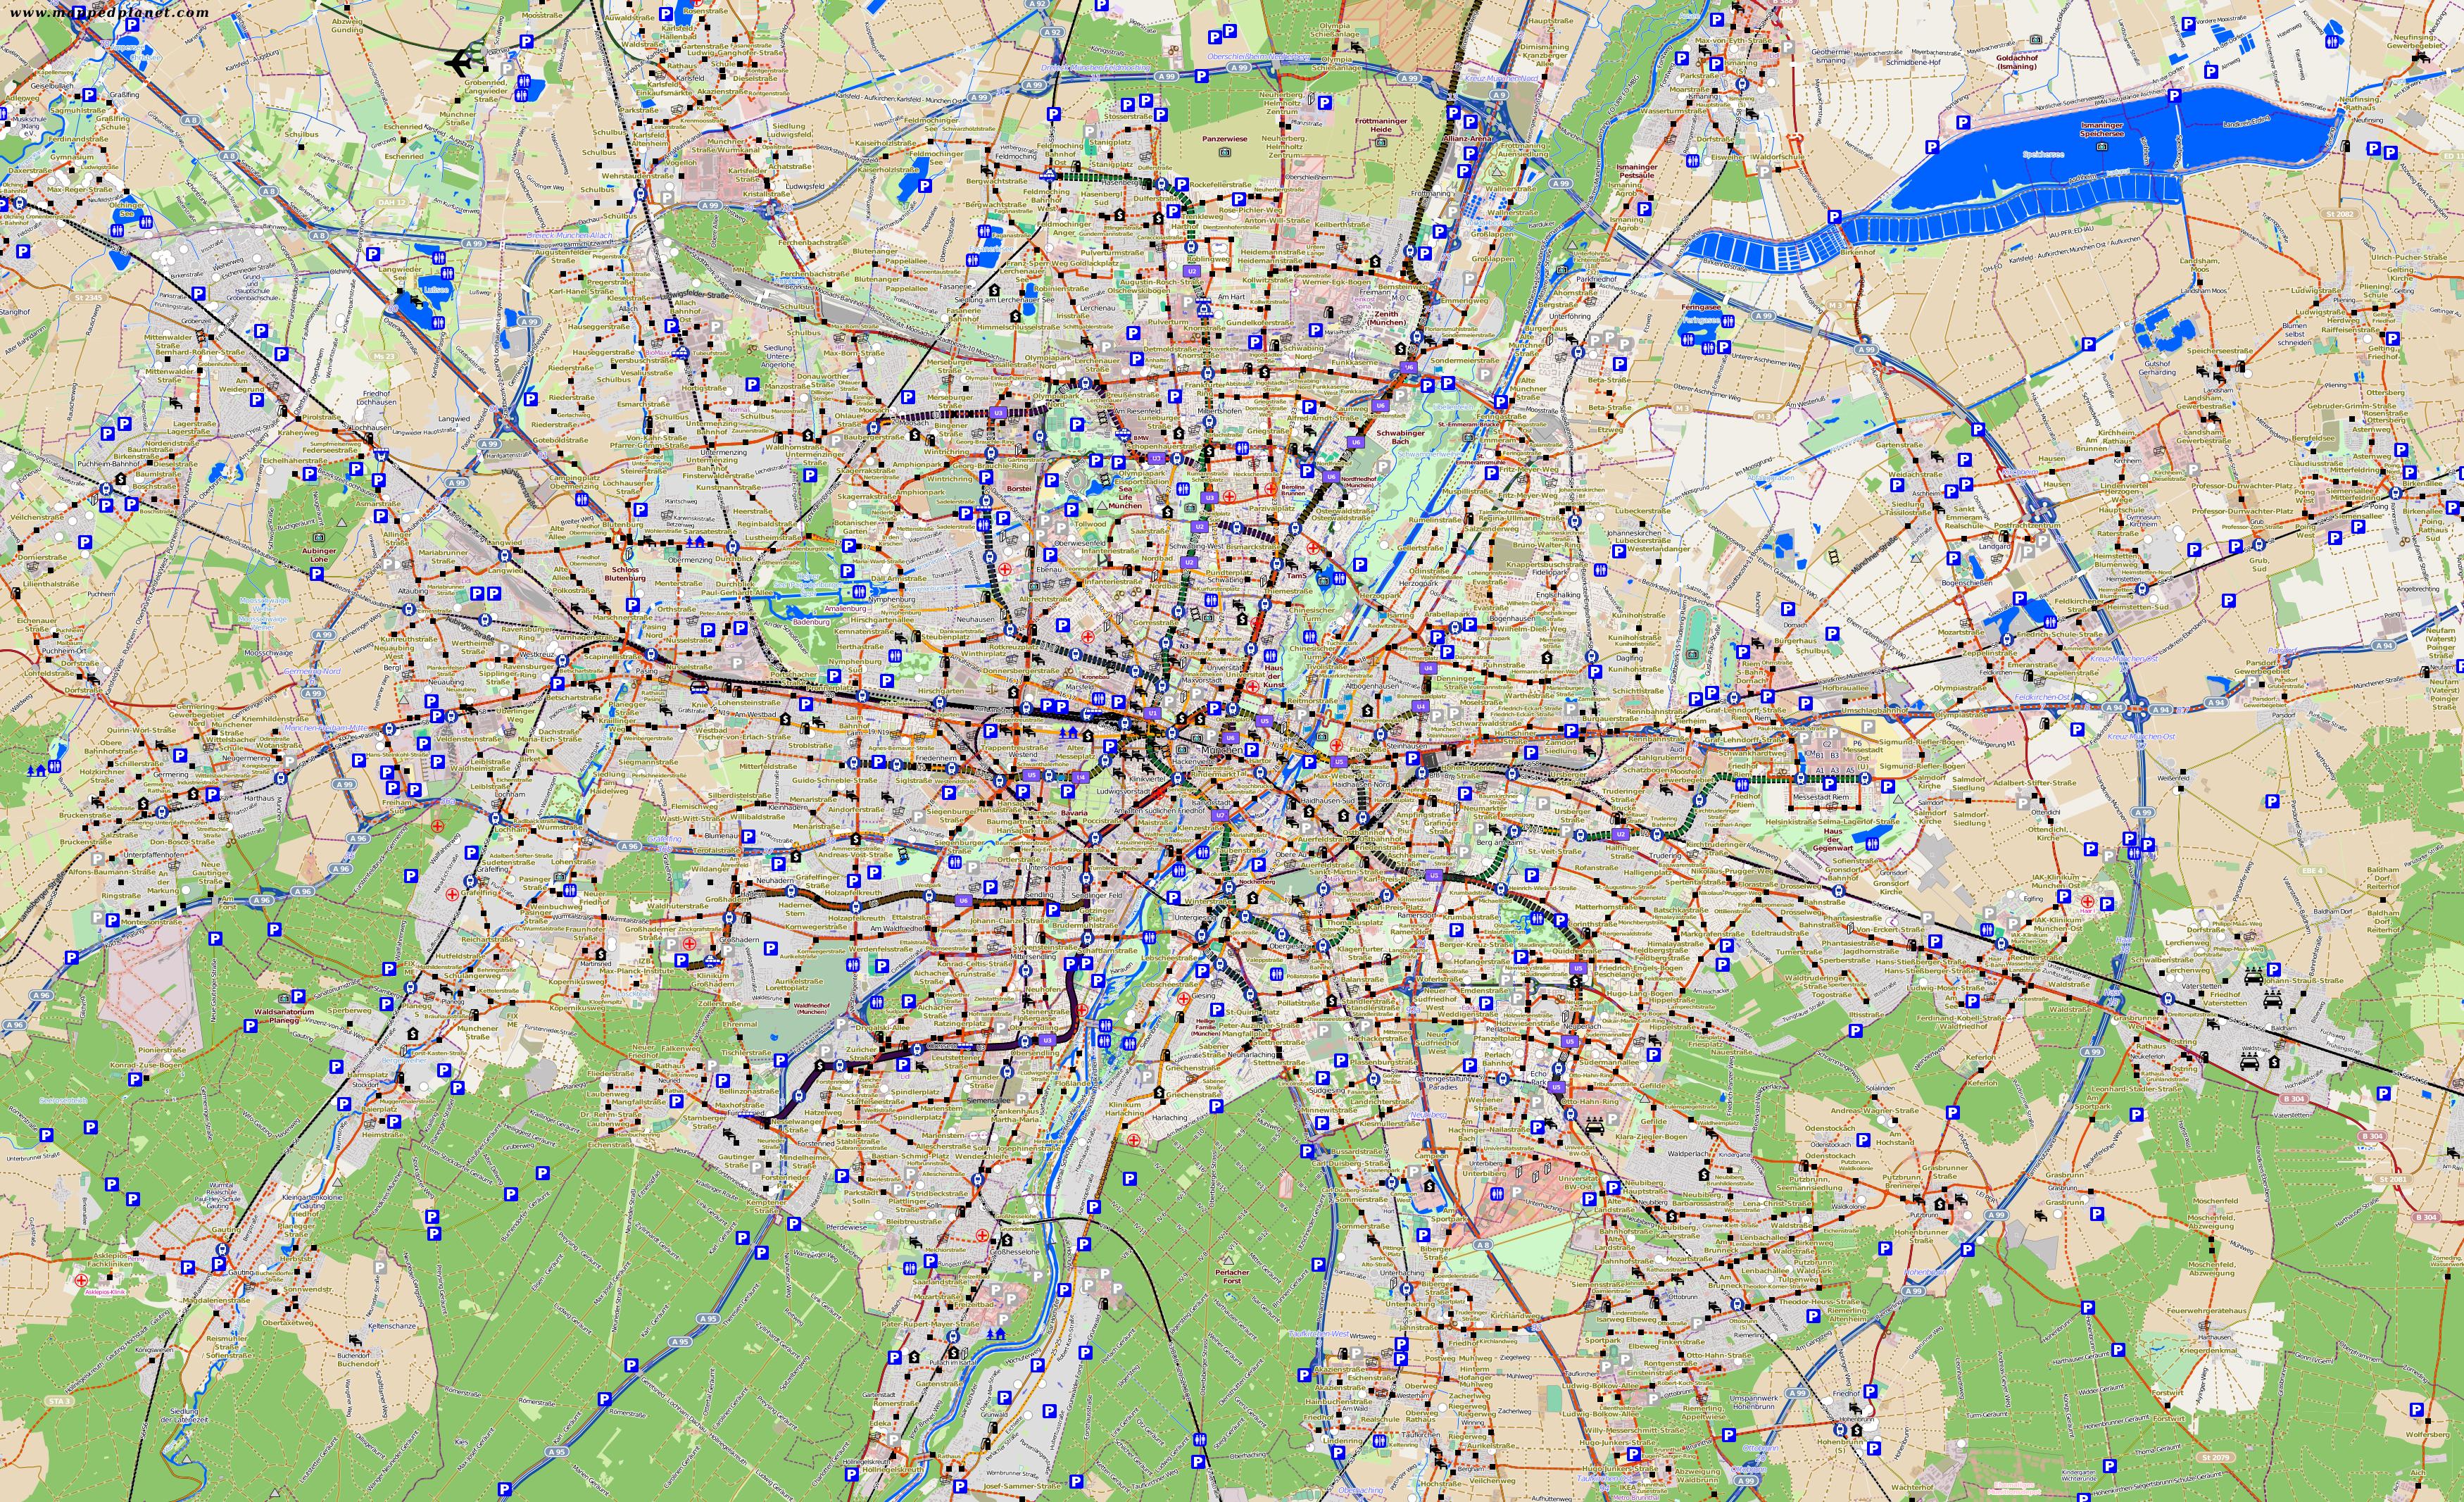 Karte München Stadtteile.Karten Und Stadtpläne München